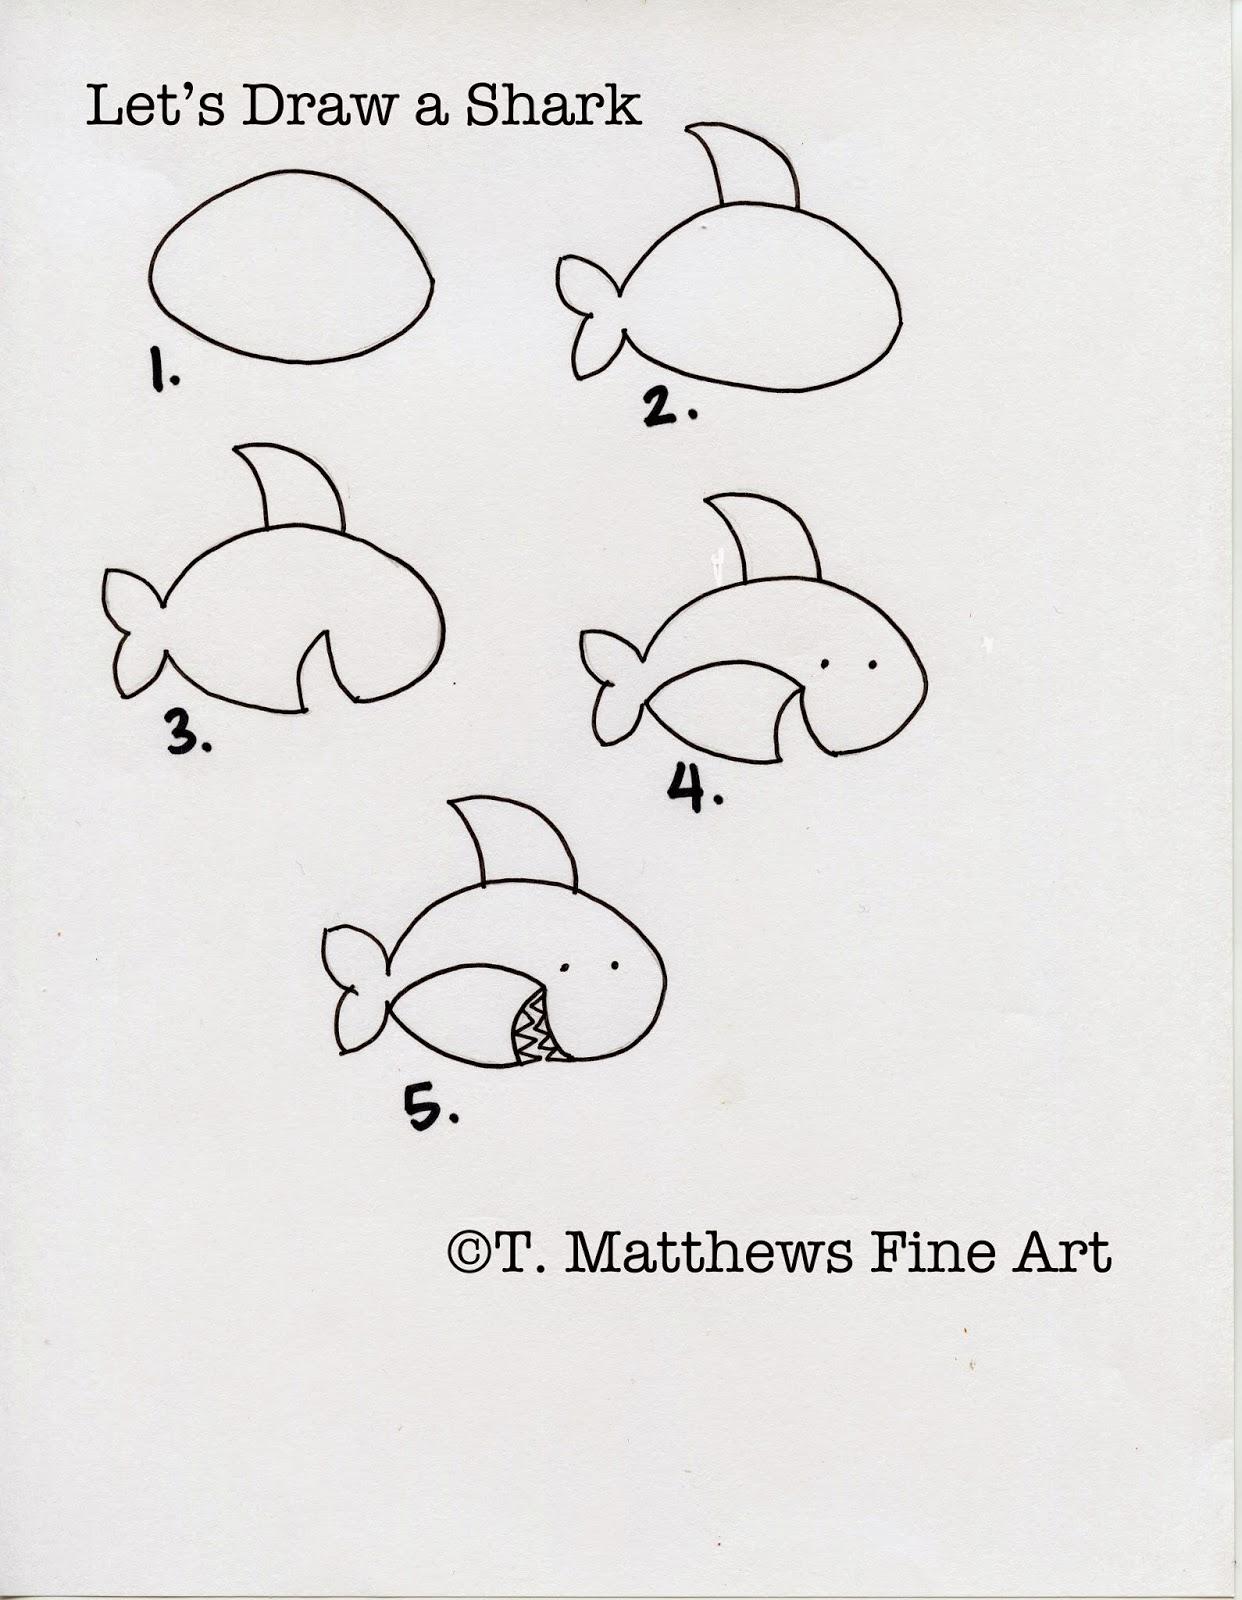 T. Matthews Fine Art: First Friday Art Class for January